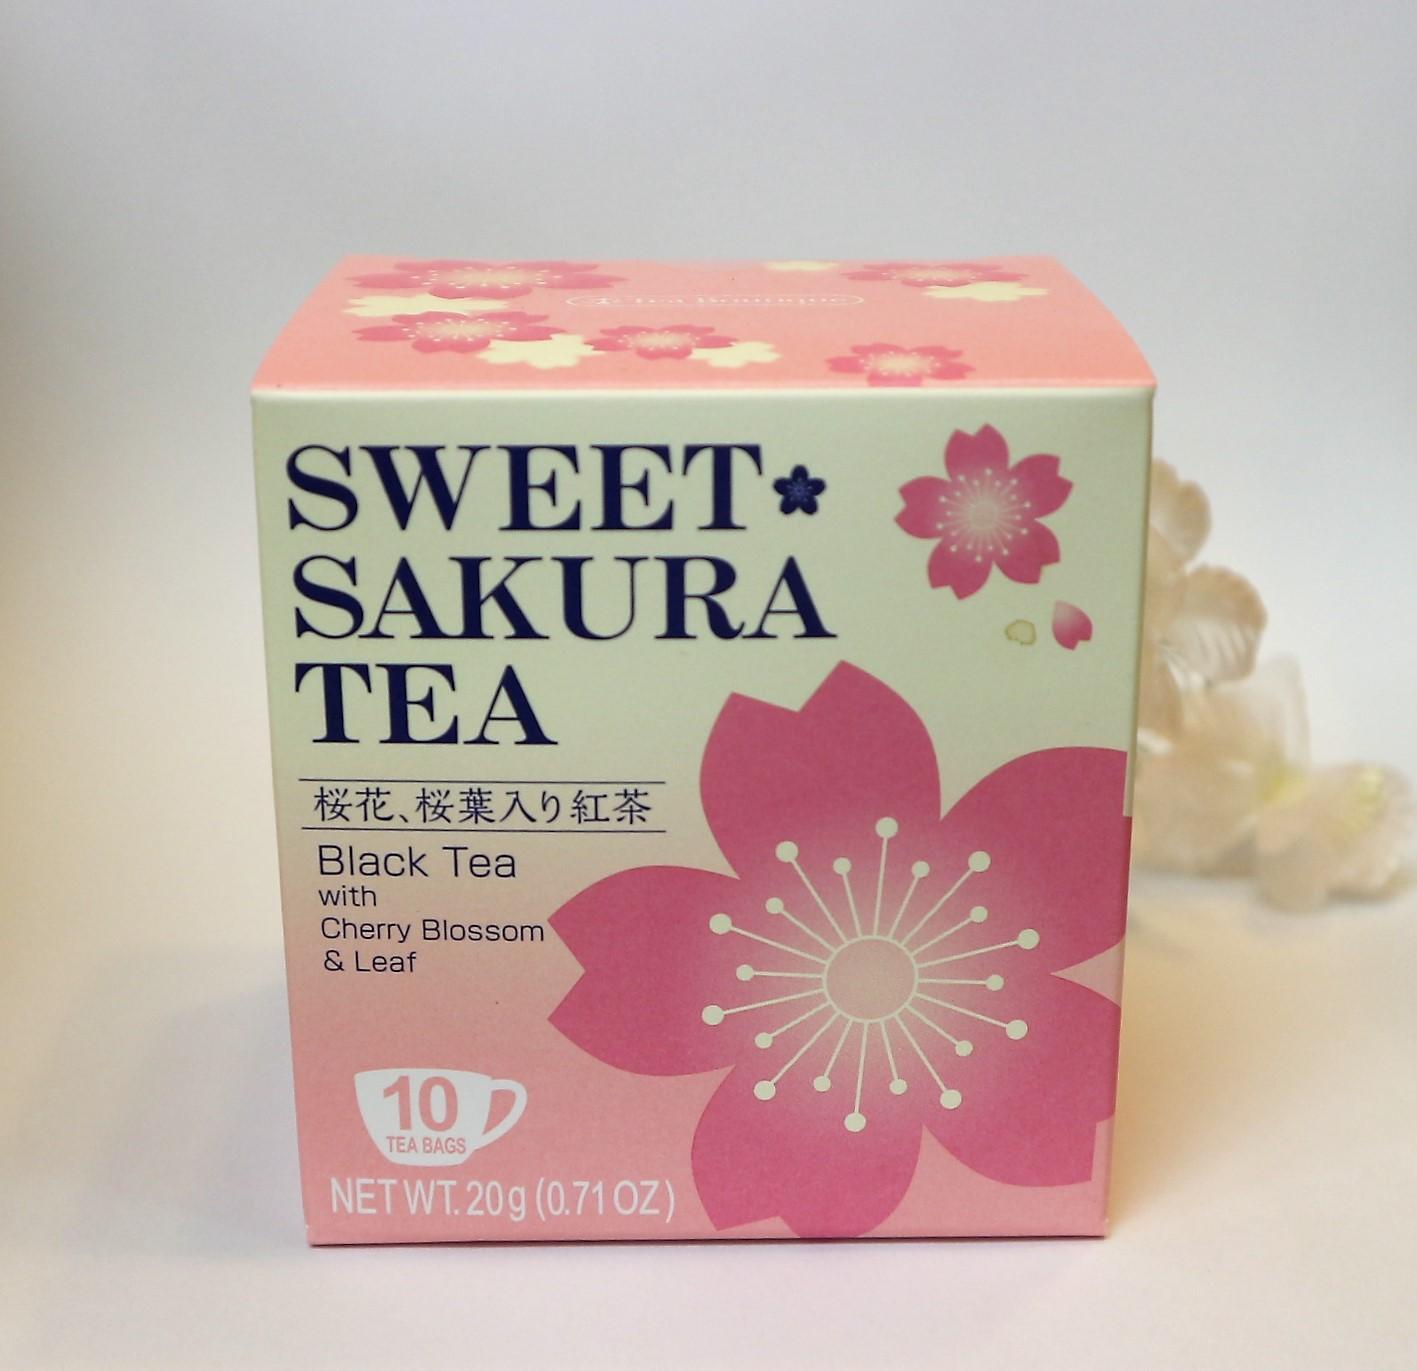 桜咲く・春のひと品♪スイートサクラティー◇紅茶【便利なティーパッグ】